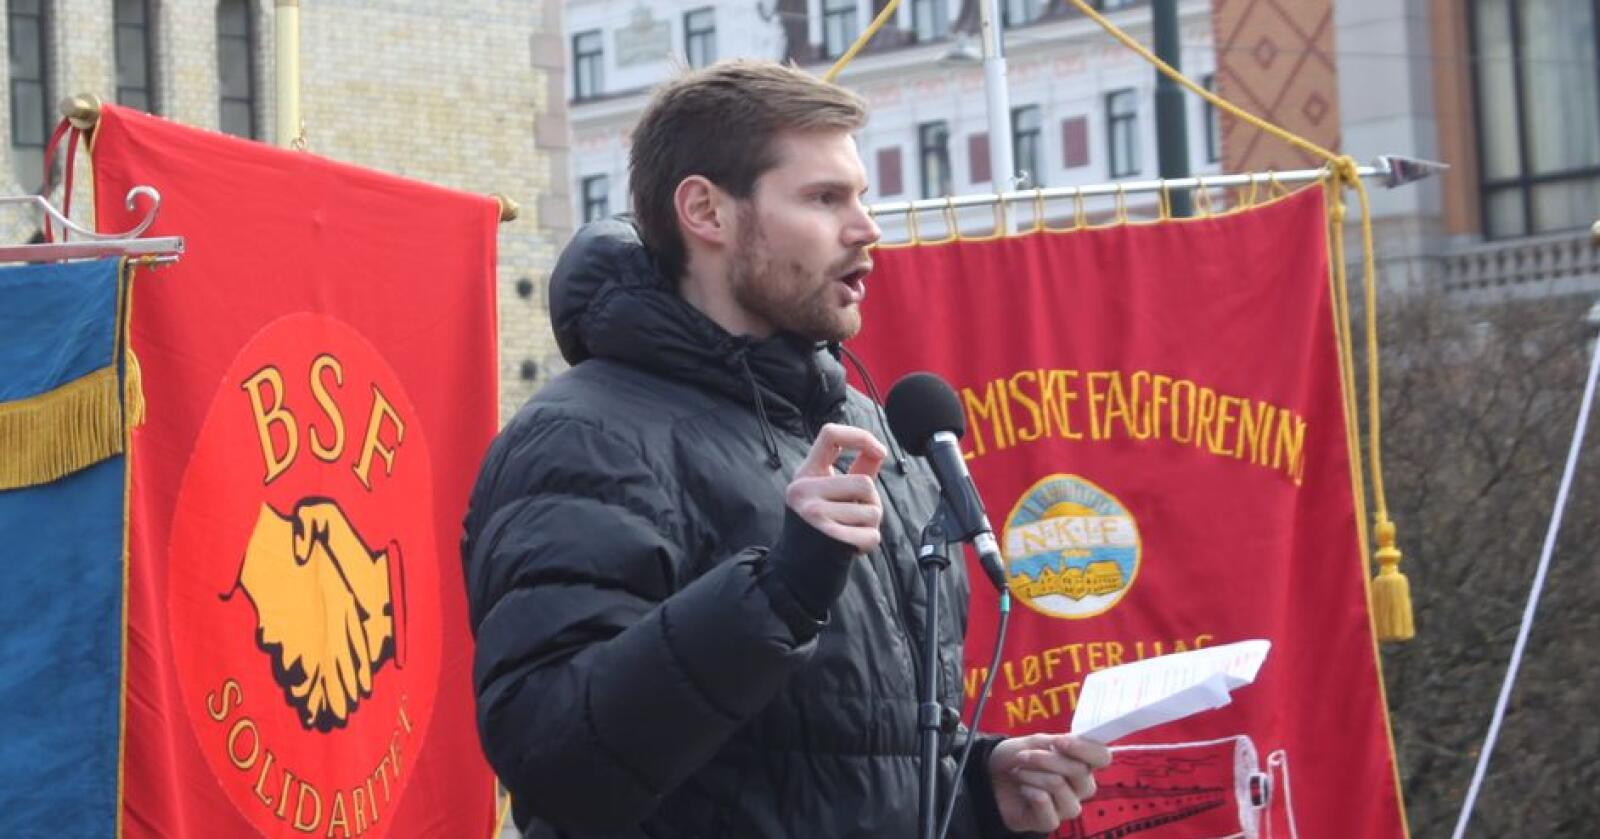 Nils Kristen Sandtrøen, landbrukspolitisk talsperson i Arbeiderpartiet, sier at partiet krever at Stortinget garanterer for arbeidskraft og økt produksjon. Foto: Henrik Heldahl